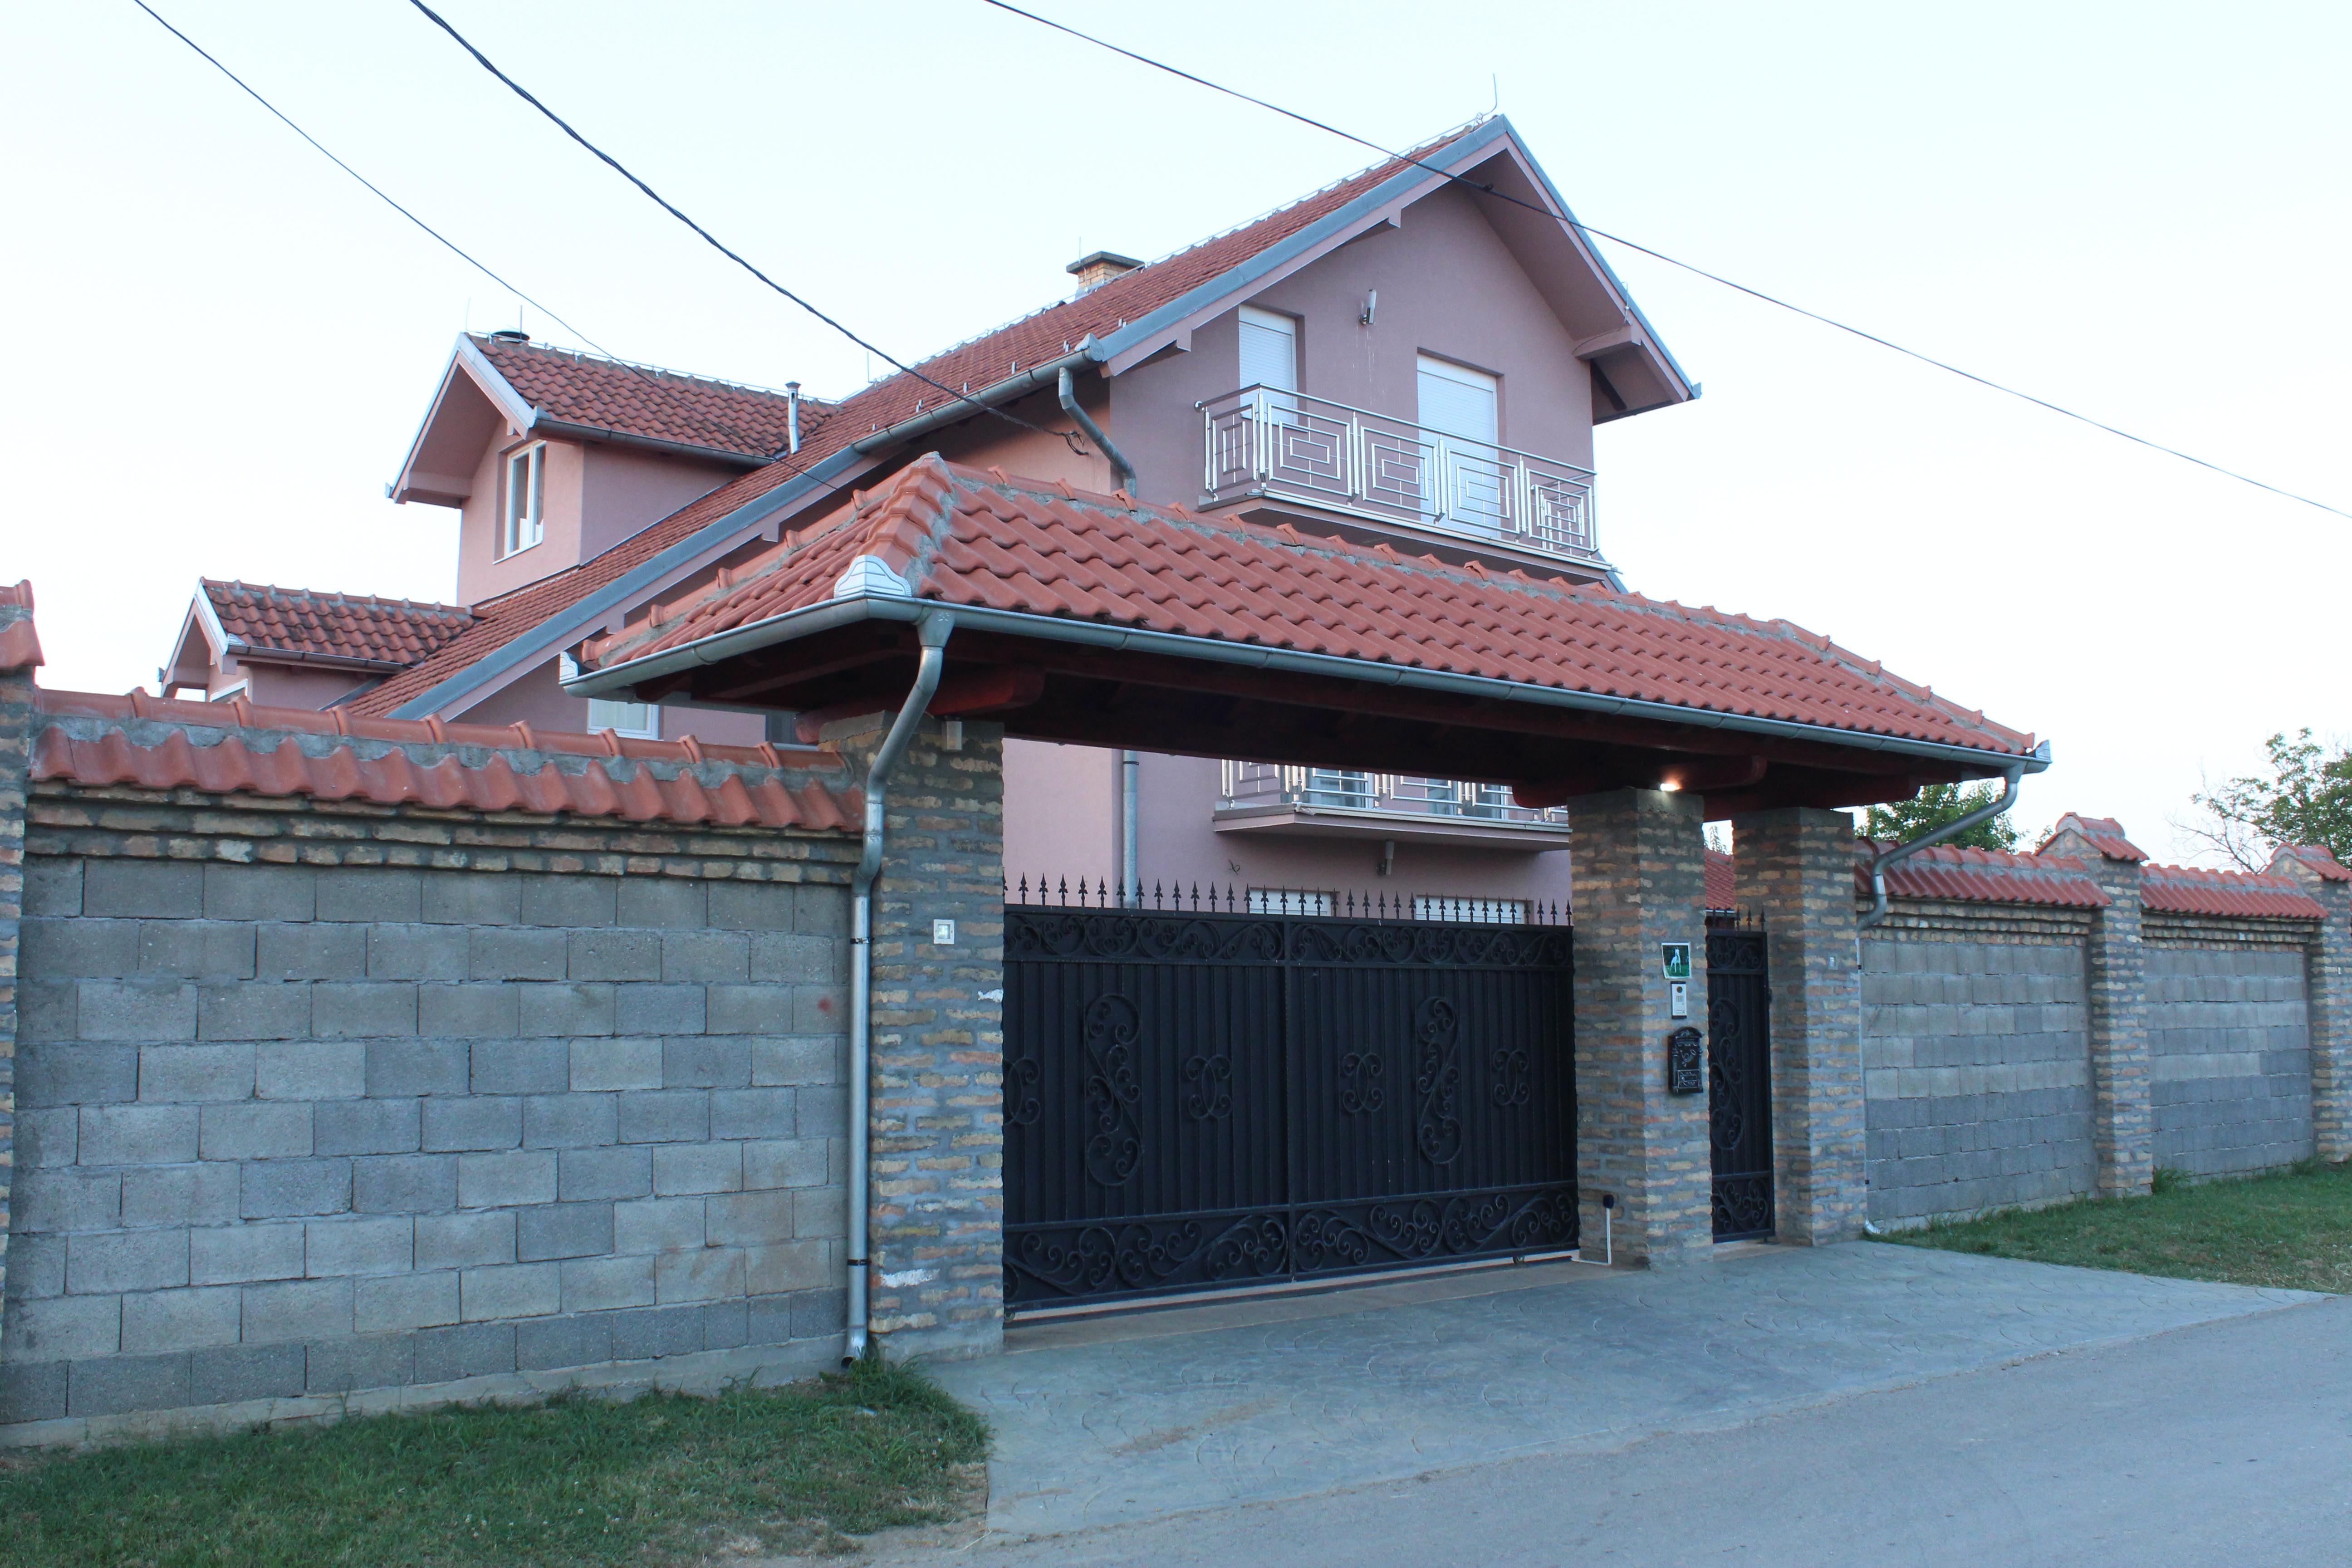 zu verkaufen villa belgrade belgrade serbien stevana radi i a 45. Black Bedroom Furniture Sets. Home Design Ideas